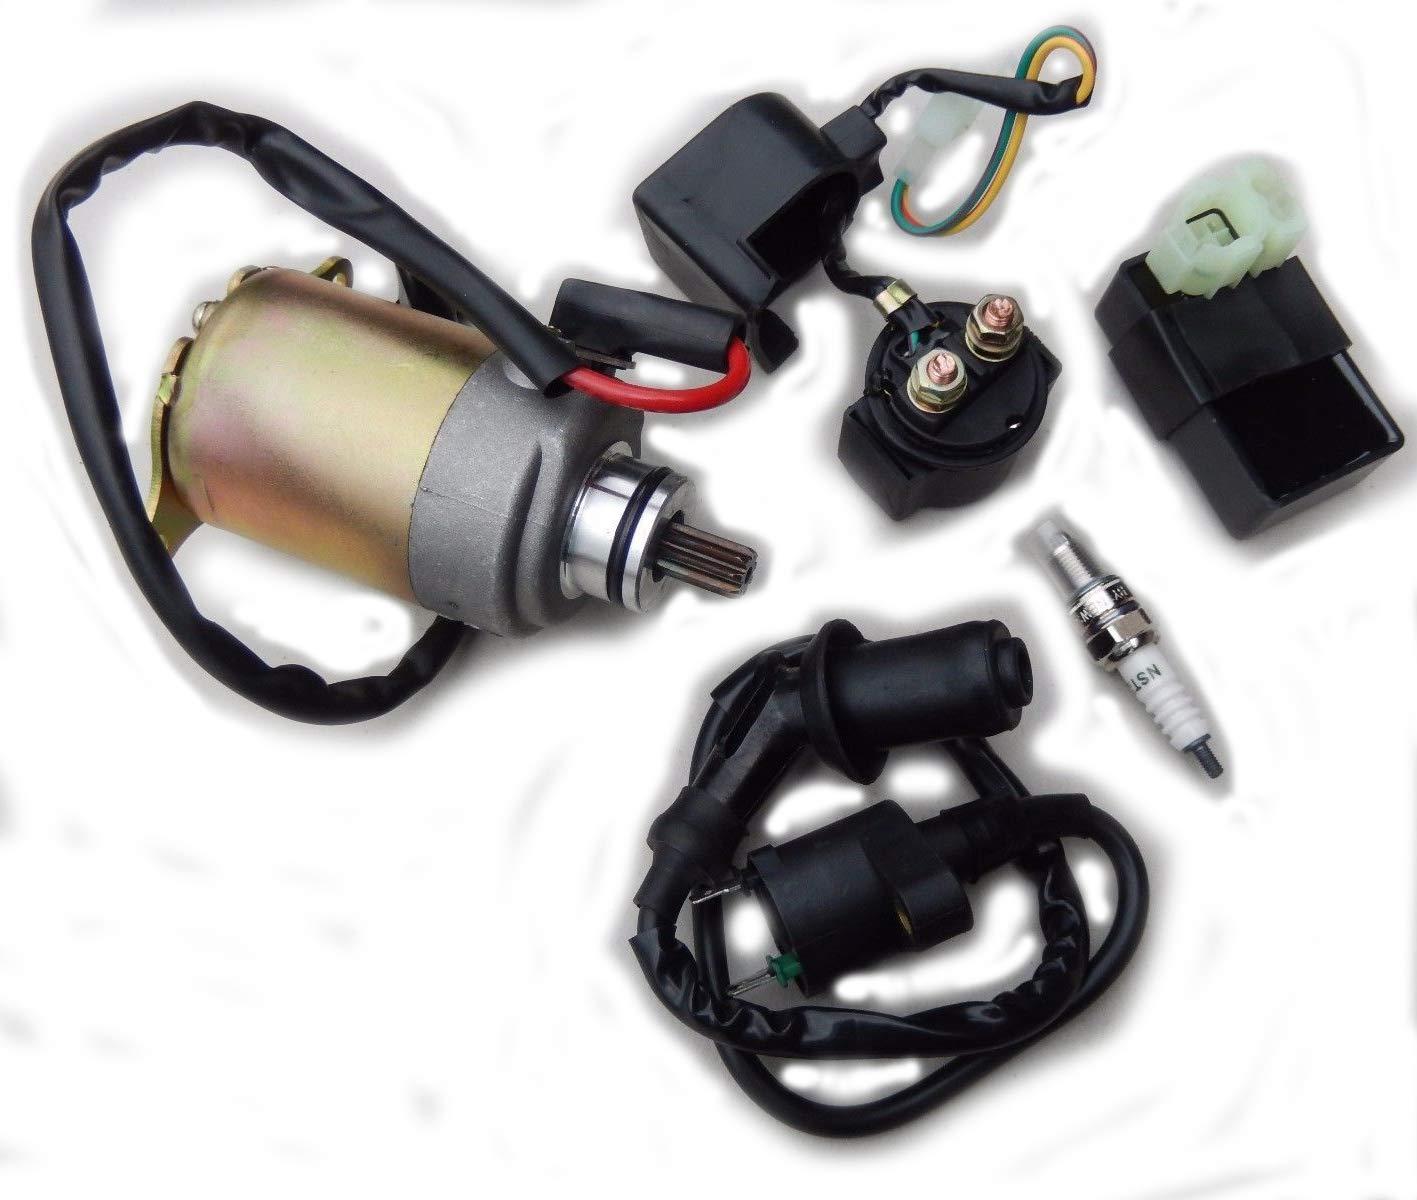 ELECTRICAL Rebuilt KIT HAMMERHEAD TWISTER 150CC GO KART CART CDI Ignition COIL STARTER Solenoid Spark plug